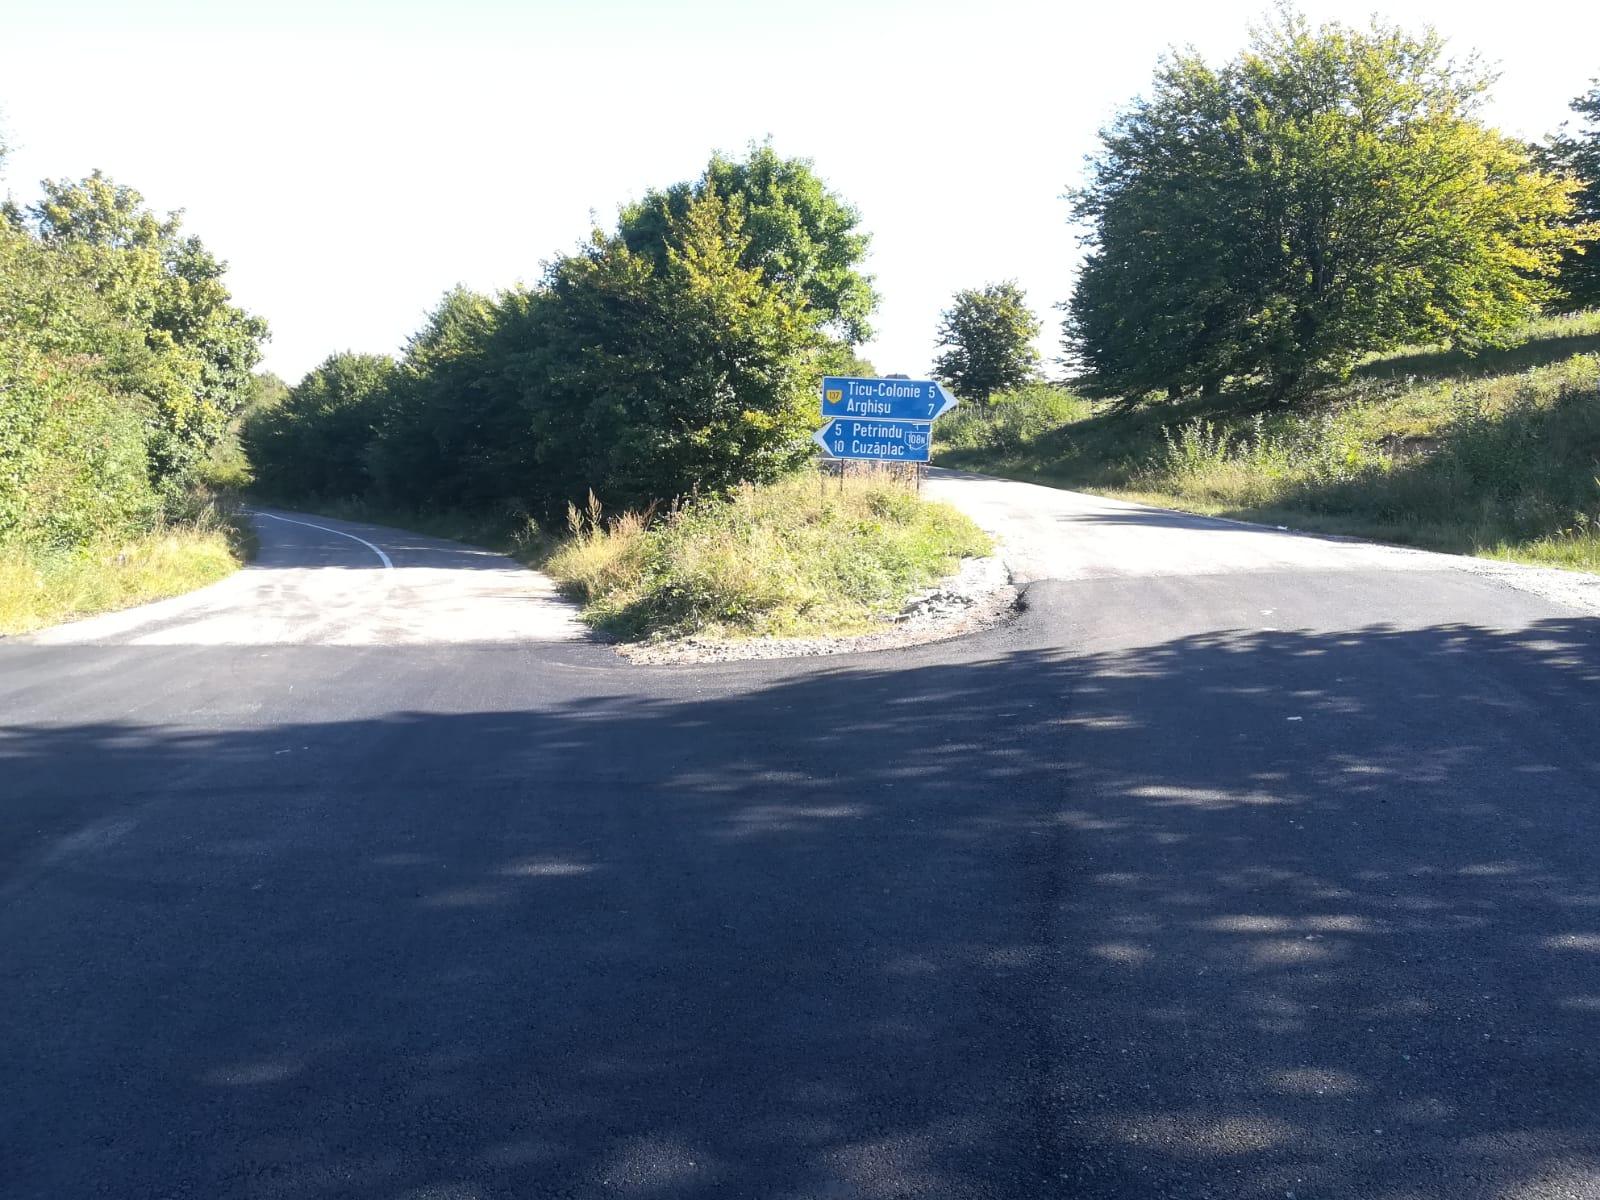 Au fost finalizate lucrările de asfaltare pe drumul judeţean 108N (DJ 108C) Aghireş – limită cu judeţul Sălaj